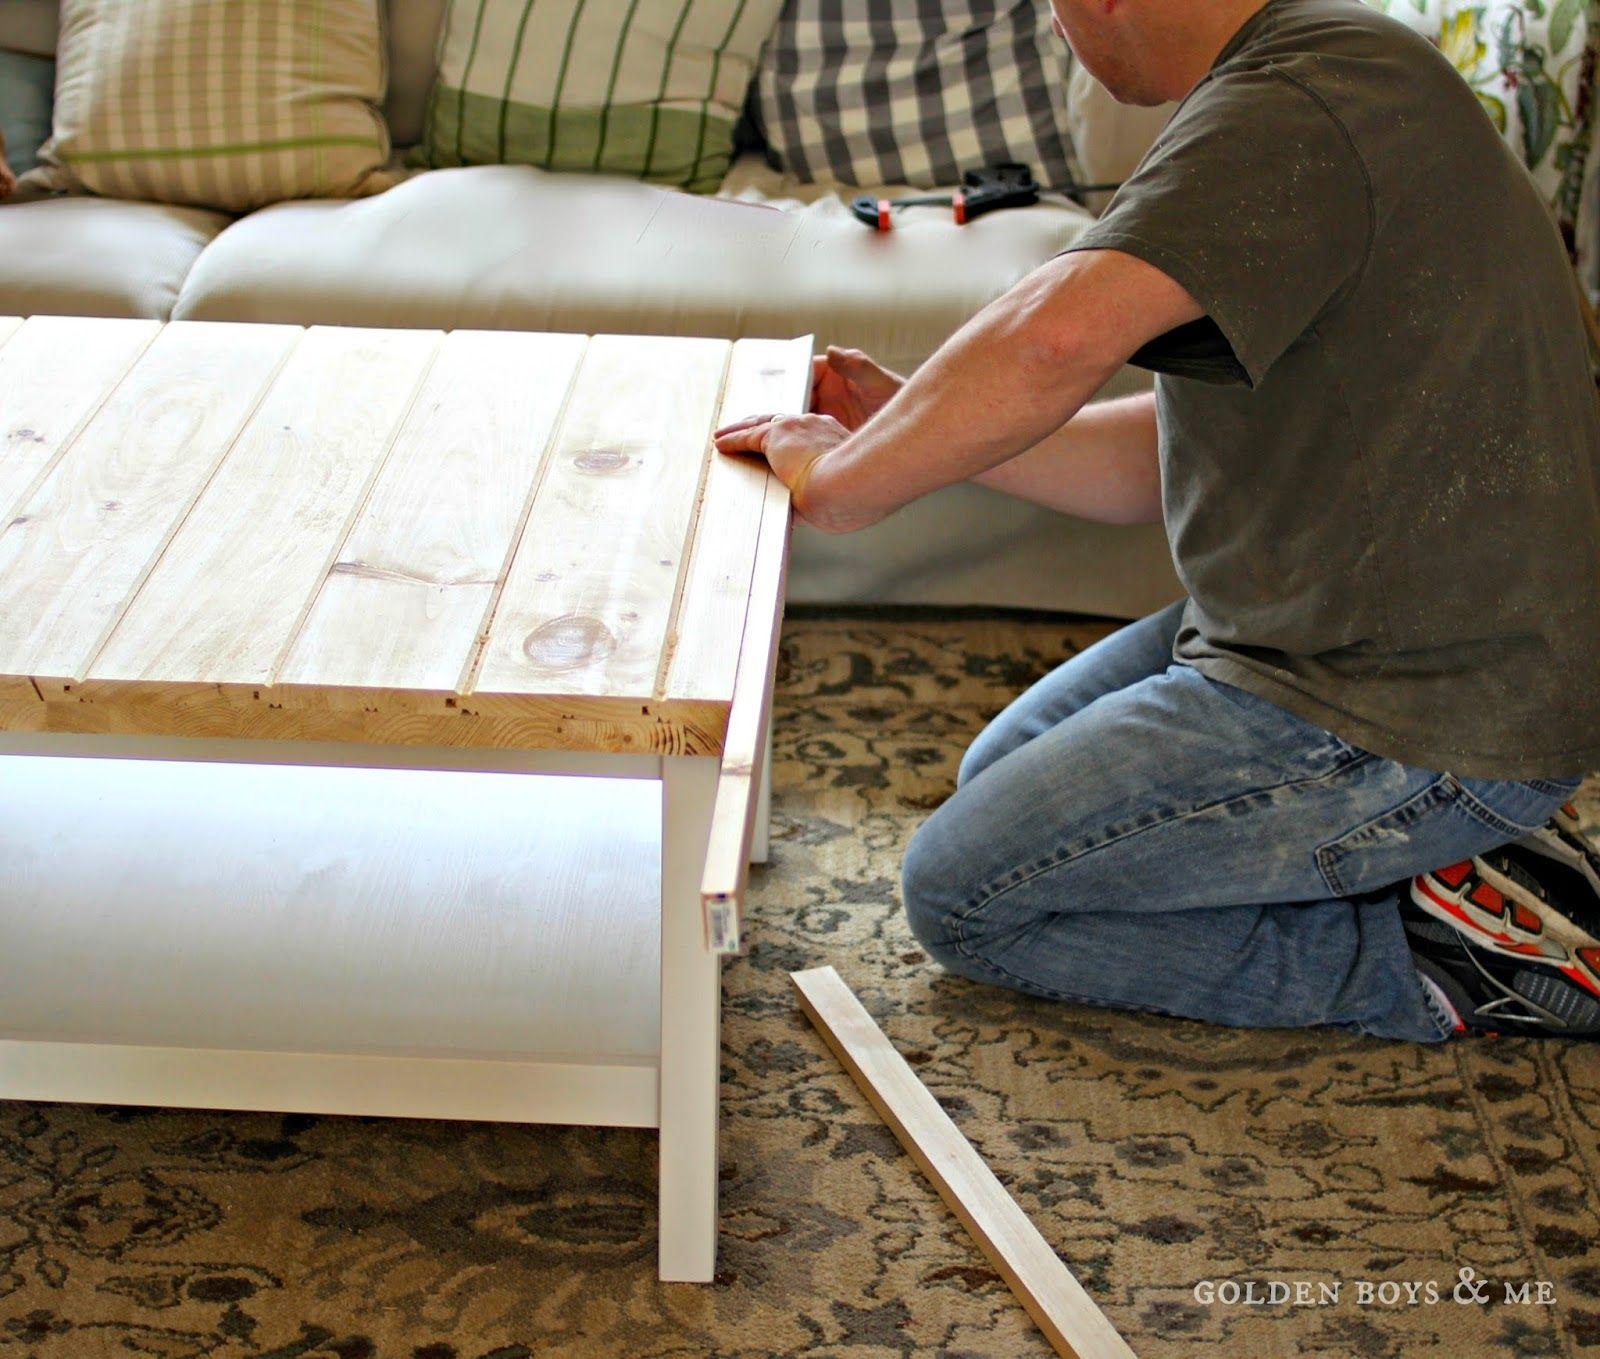 Ikea Coffee Table Diy: Coffee Table (Ikea Hack) In 2019